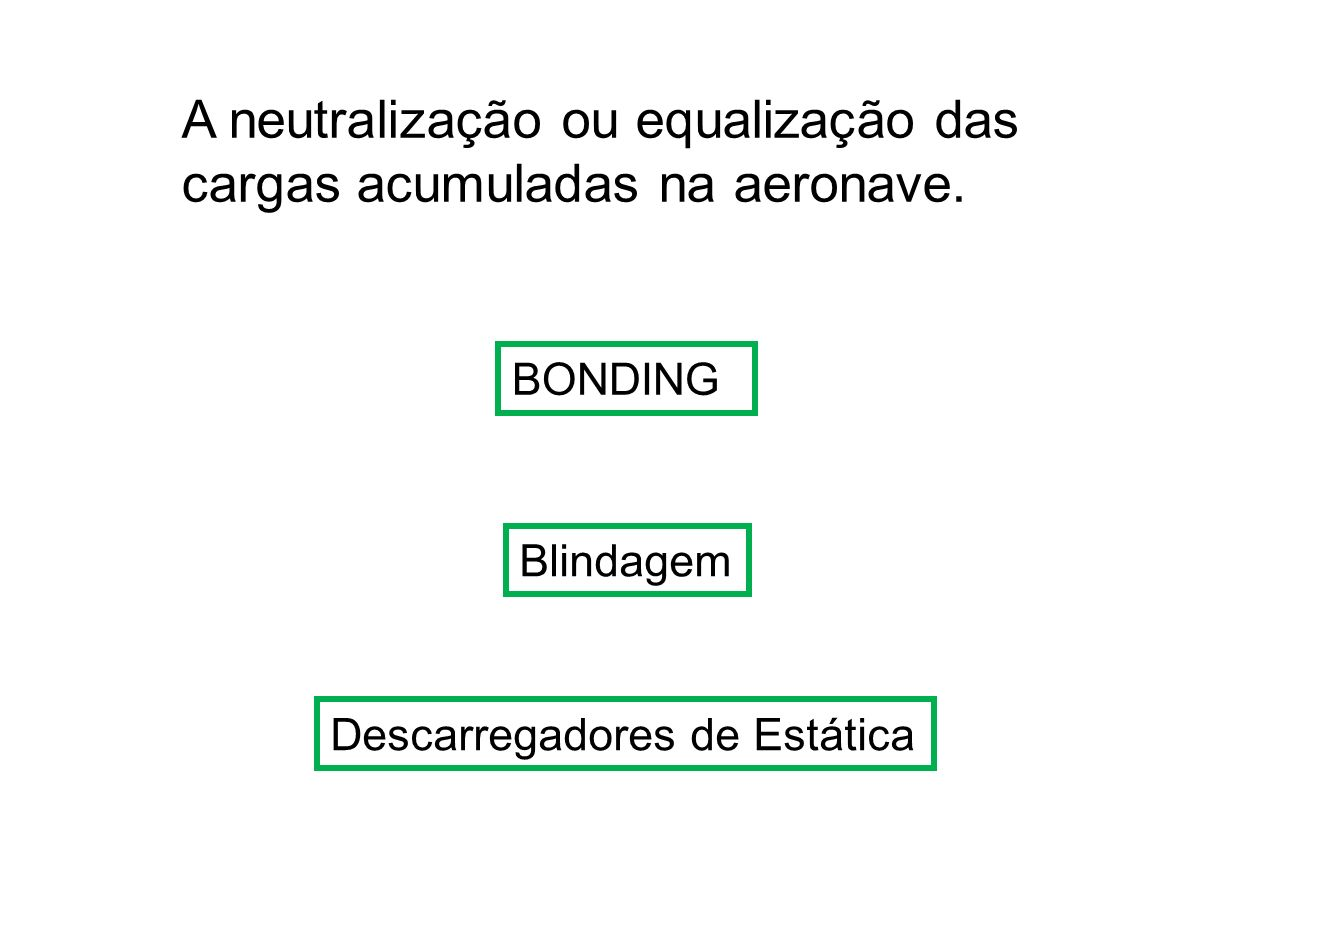 A neutralização ou equalização das cargas acumuladas na aeronave.